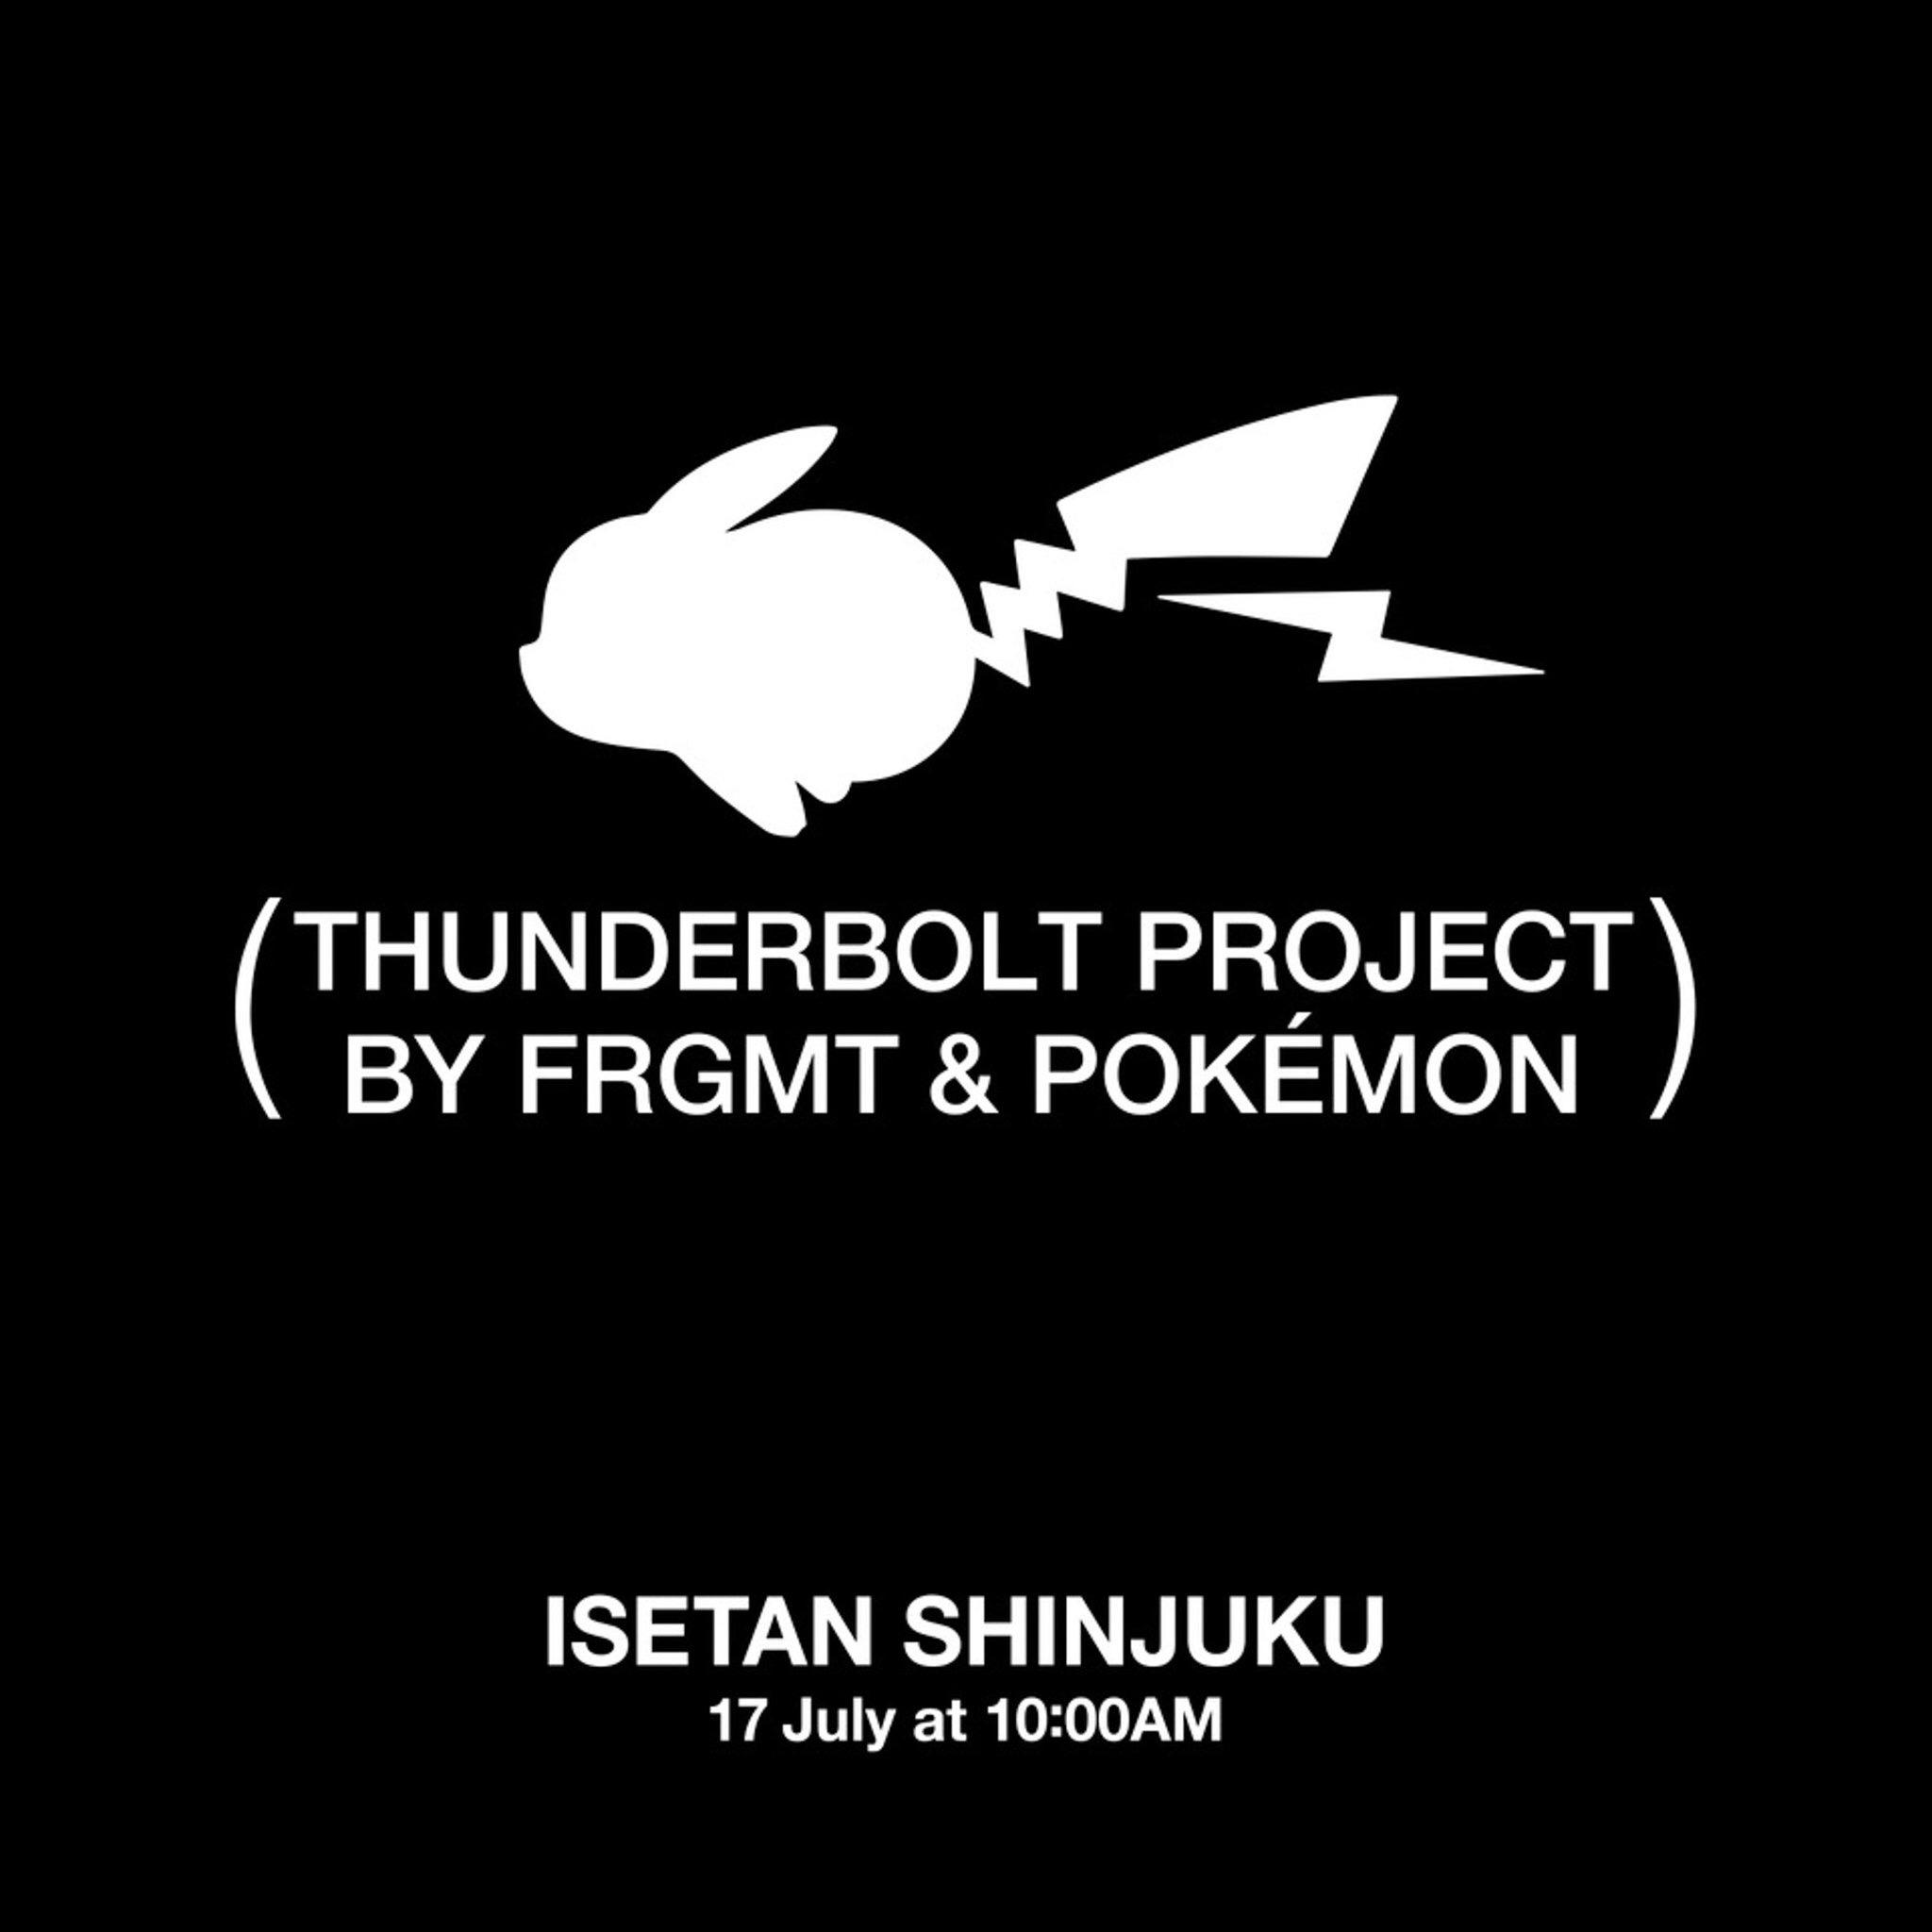 7月17日~7月30日伊勢丹新宿で開催 THUNDERBOLT PROJECT